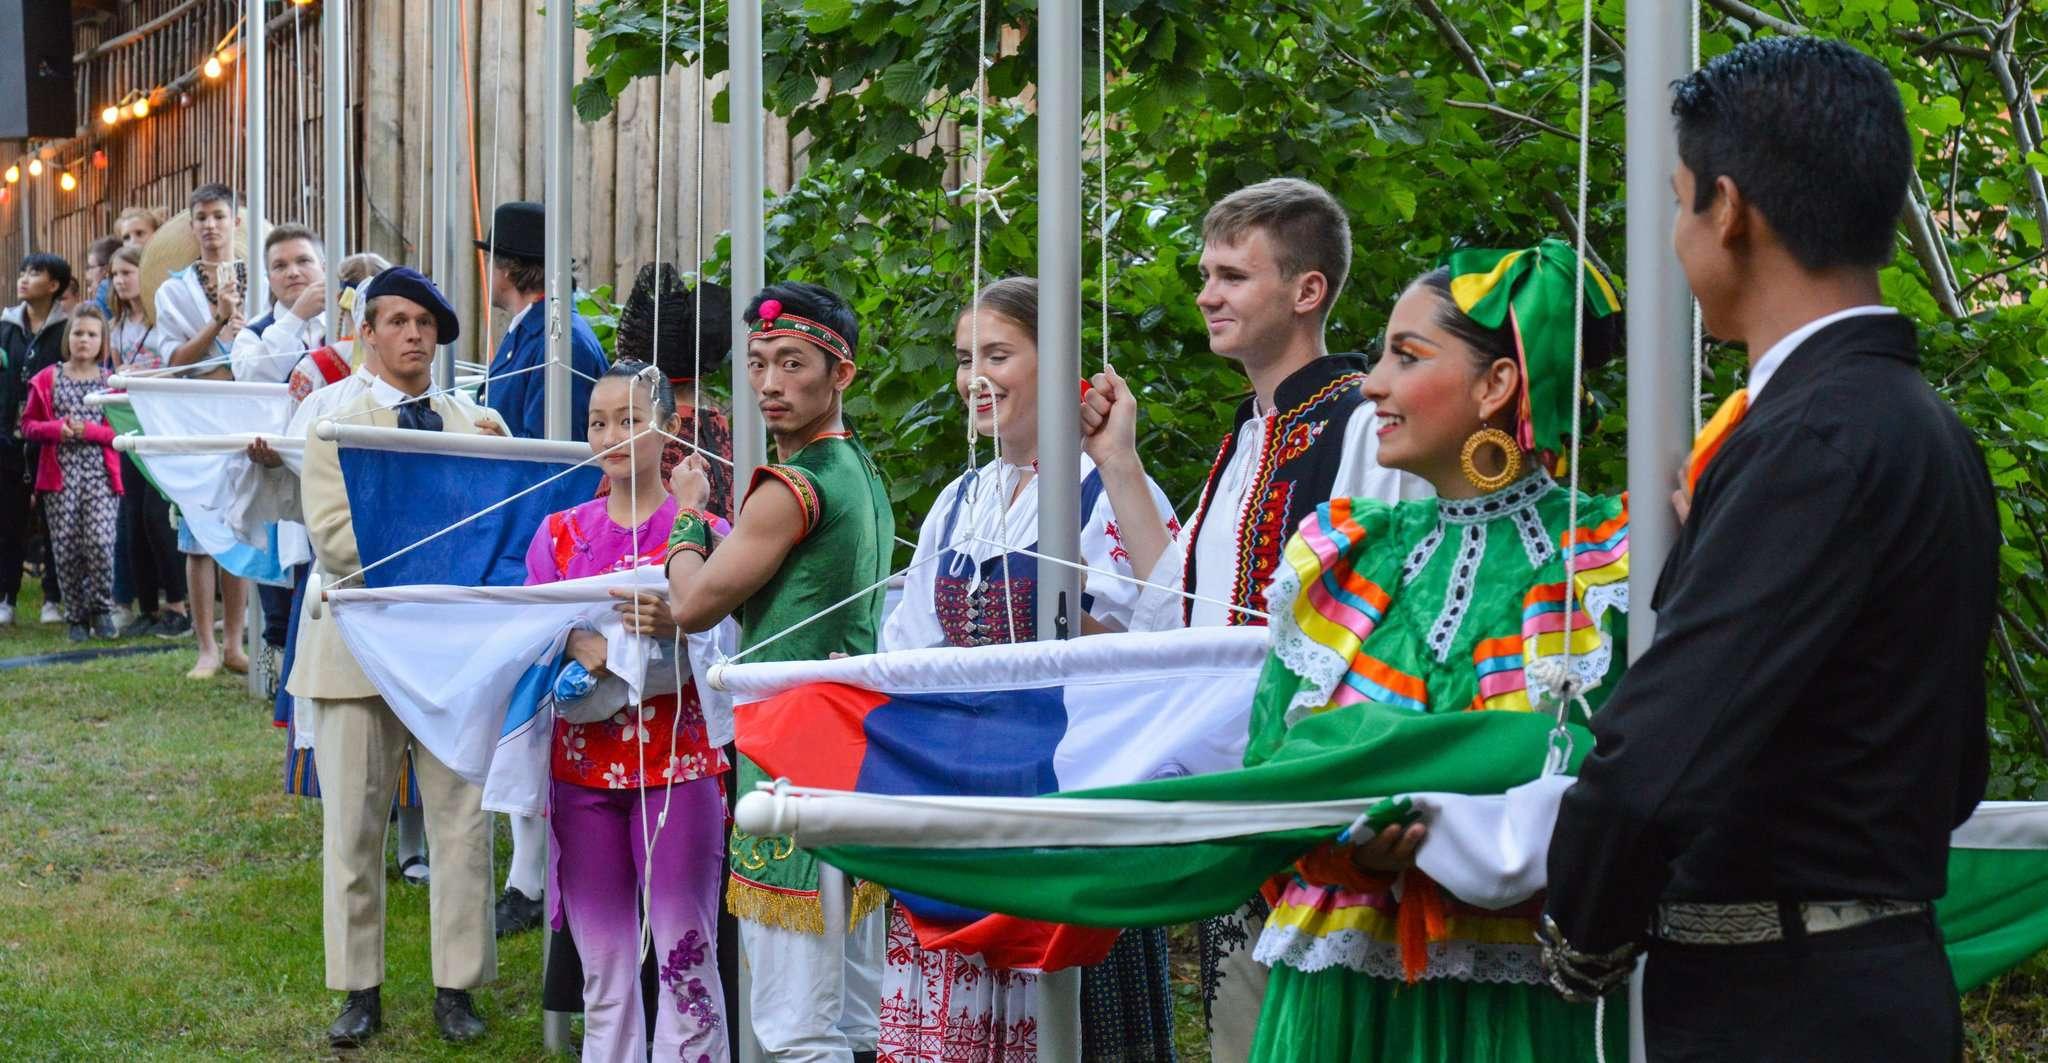 Vertreter der anwesenden Folkloreensembles hissten die Flaggen auf dem Festplatz.